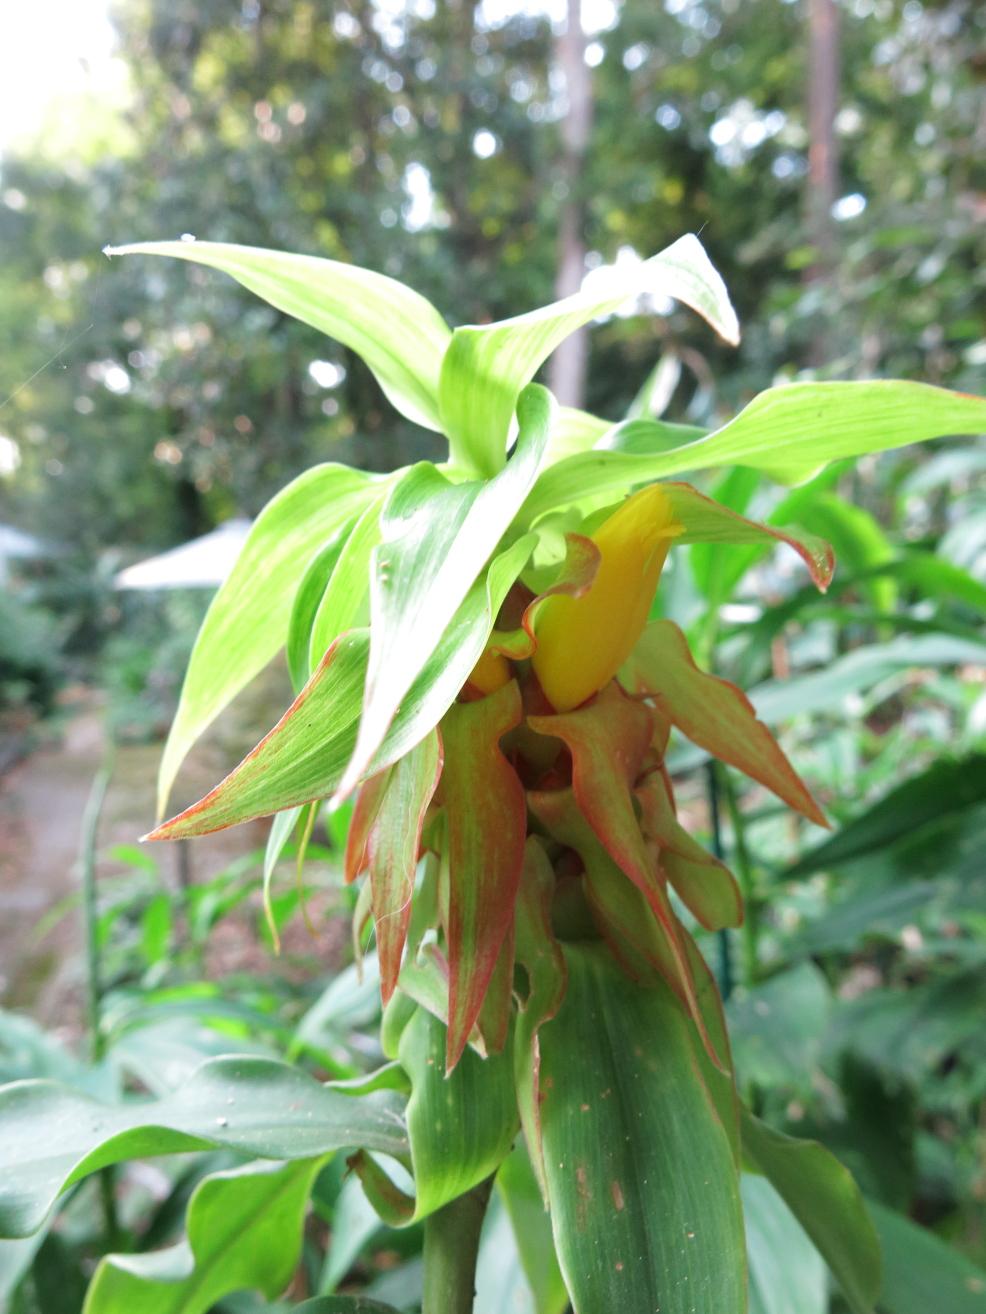 Photo# 15718 - Costus comosus var. comosus from garden at Tropenstation La Gamba, in Costa Rica